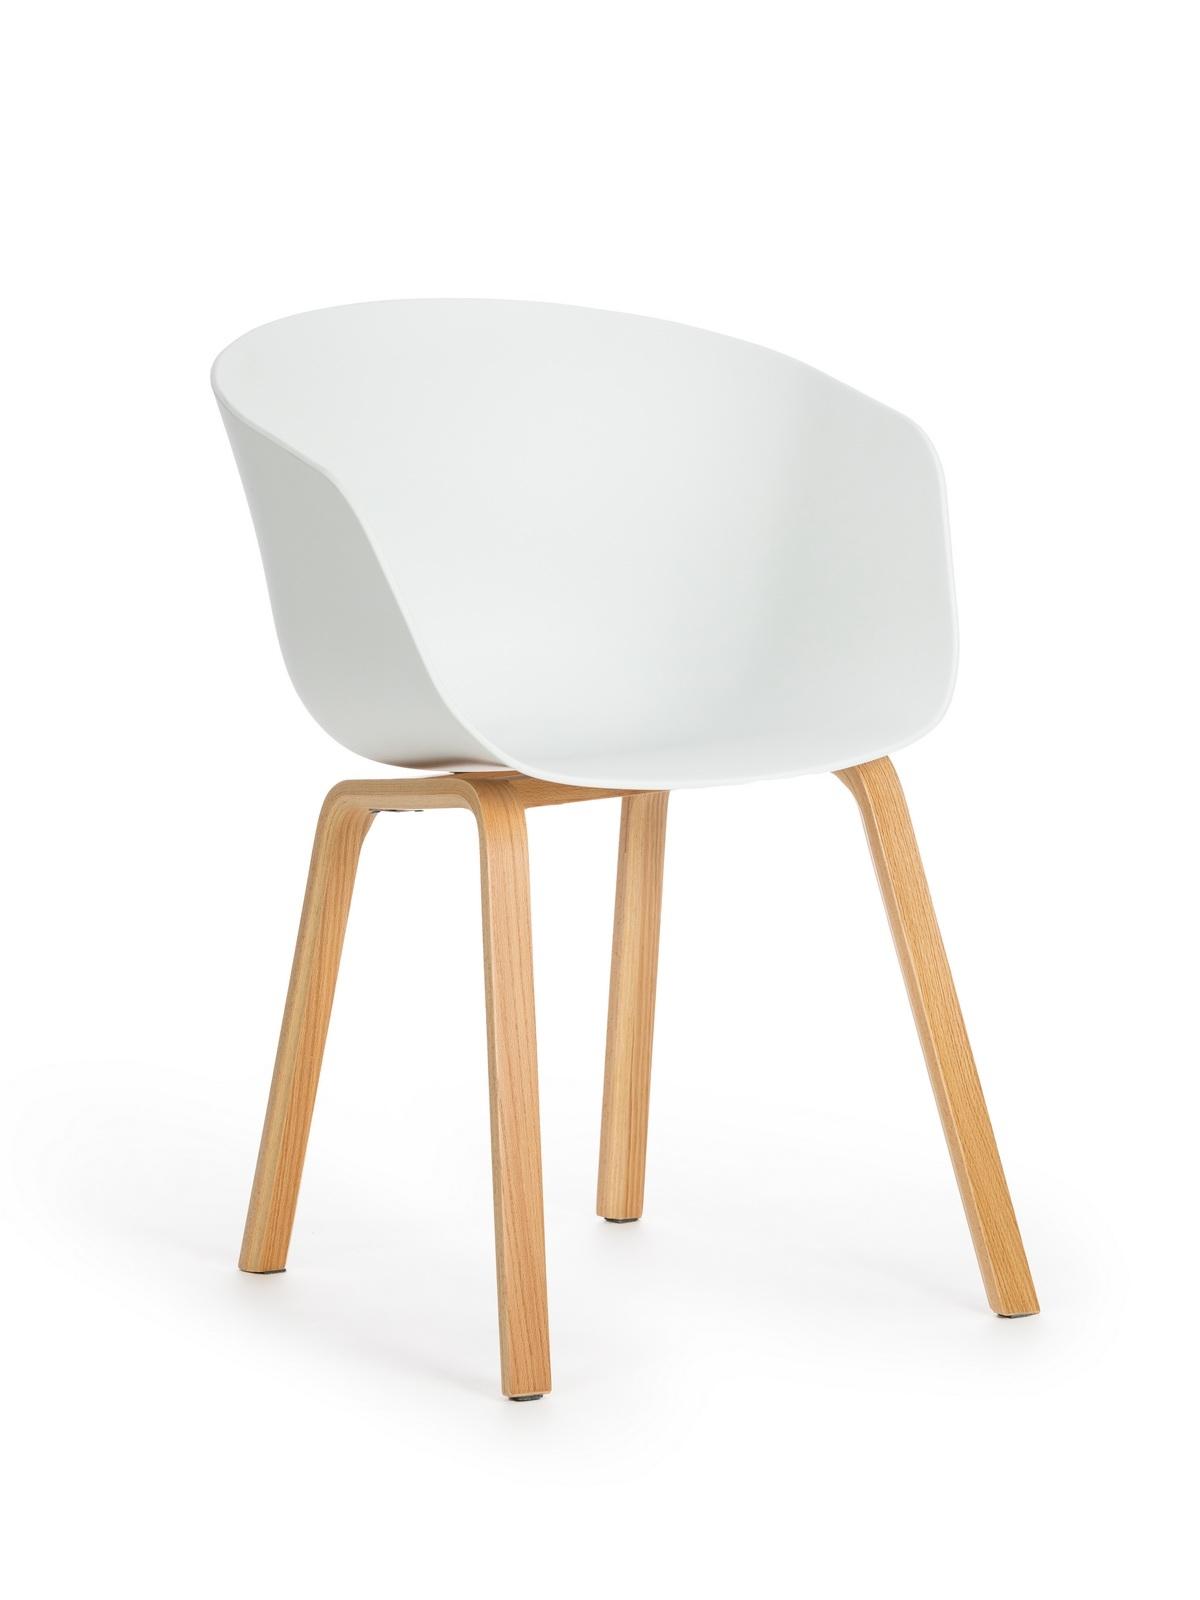 Scaun din plastic cu picioare din lemn Iris White, l55xA56xH80 cm